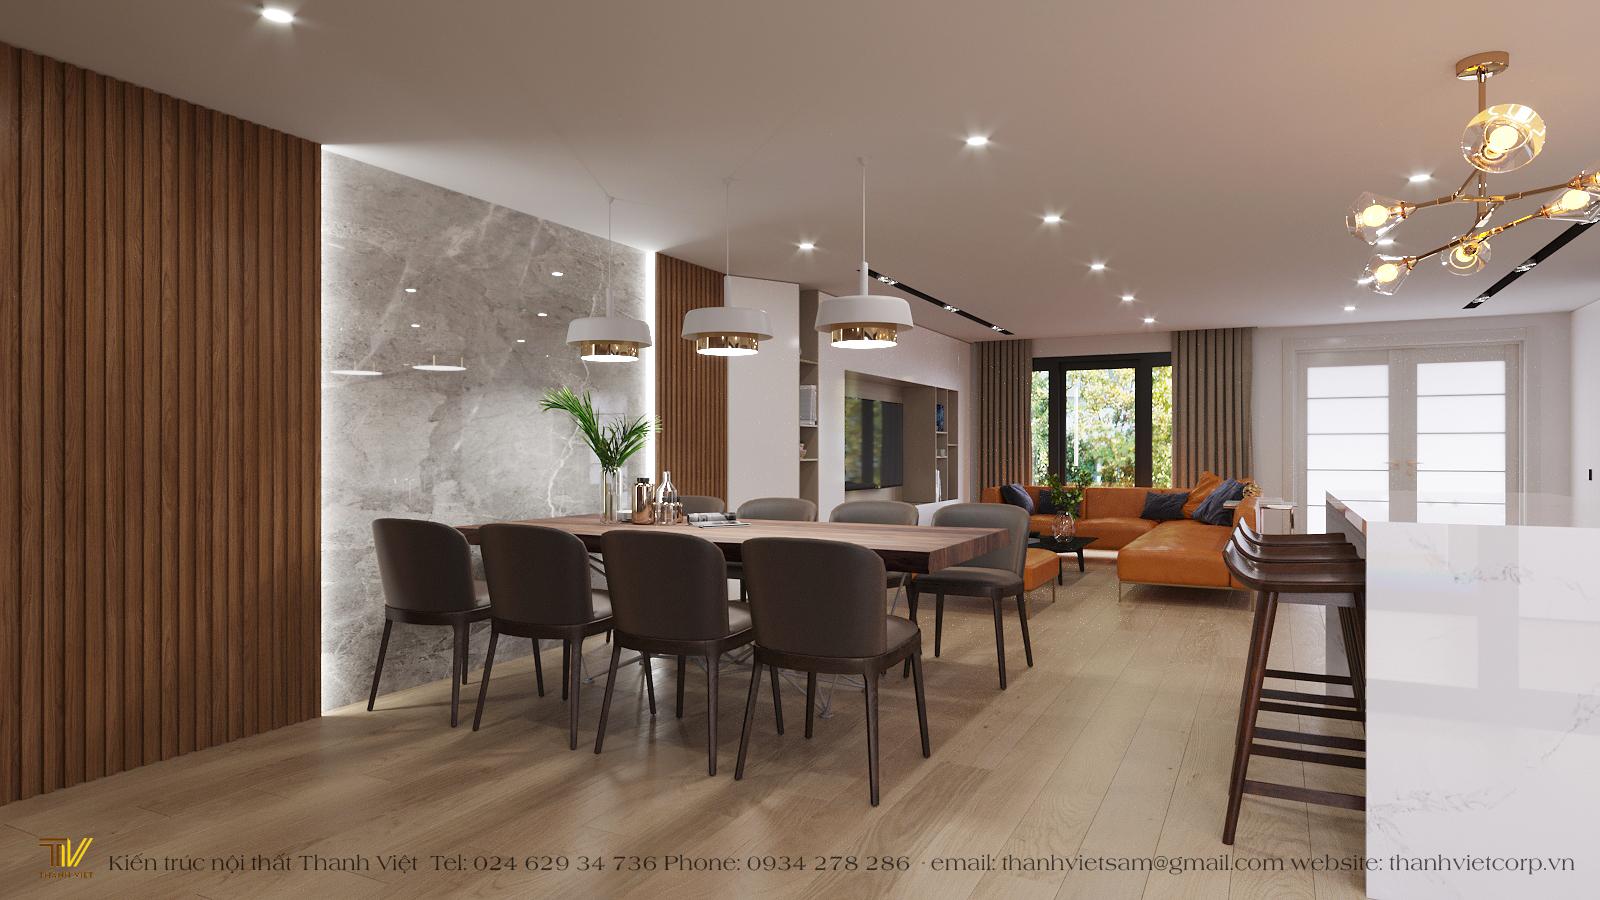 Thiết kế nội thất Nhà tại Hà Nội Tập thể Kẻ Vẽ 1577156595 4